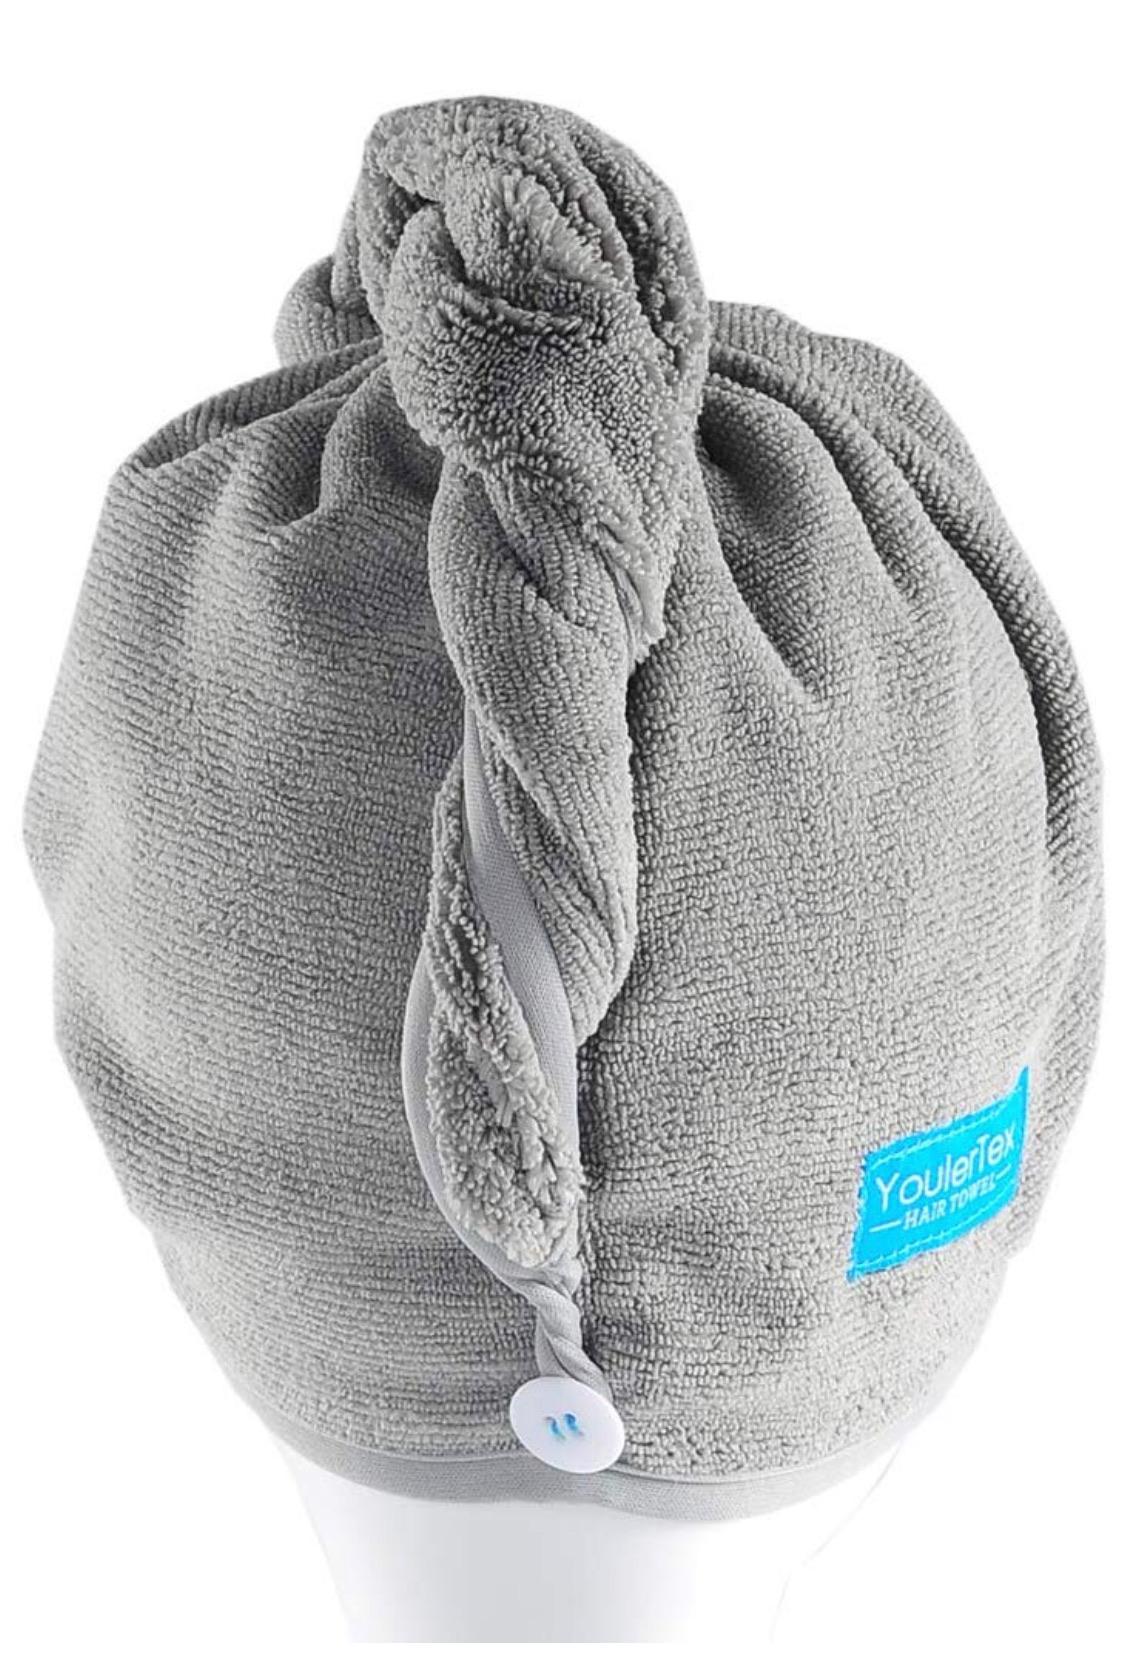 YoulerTex Microfiber Hair Towel Wrap